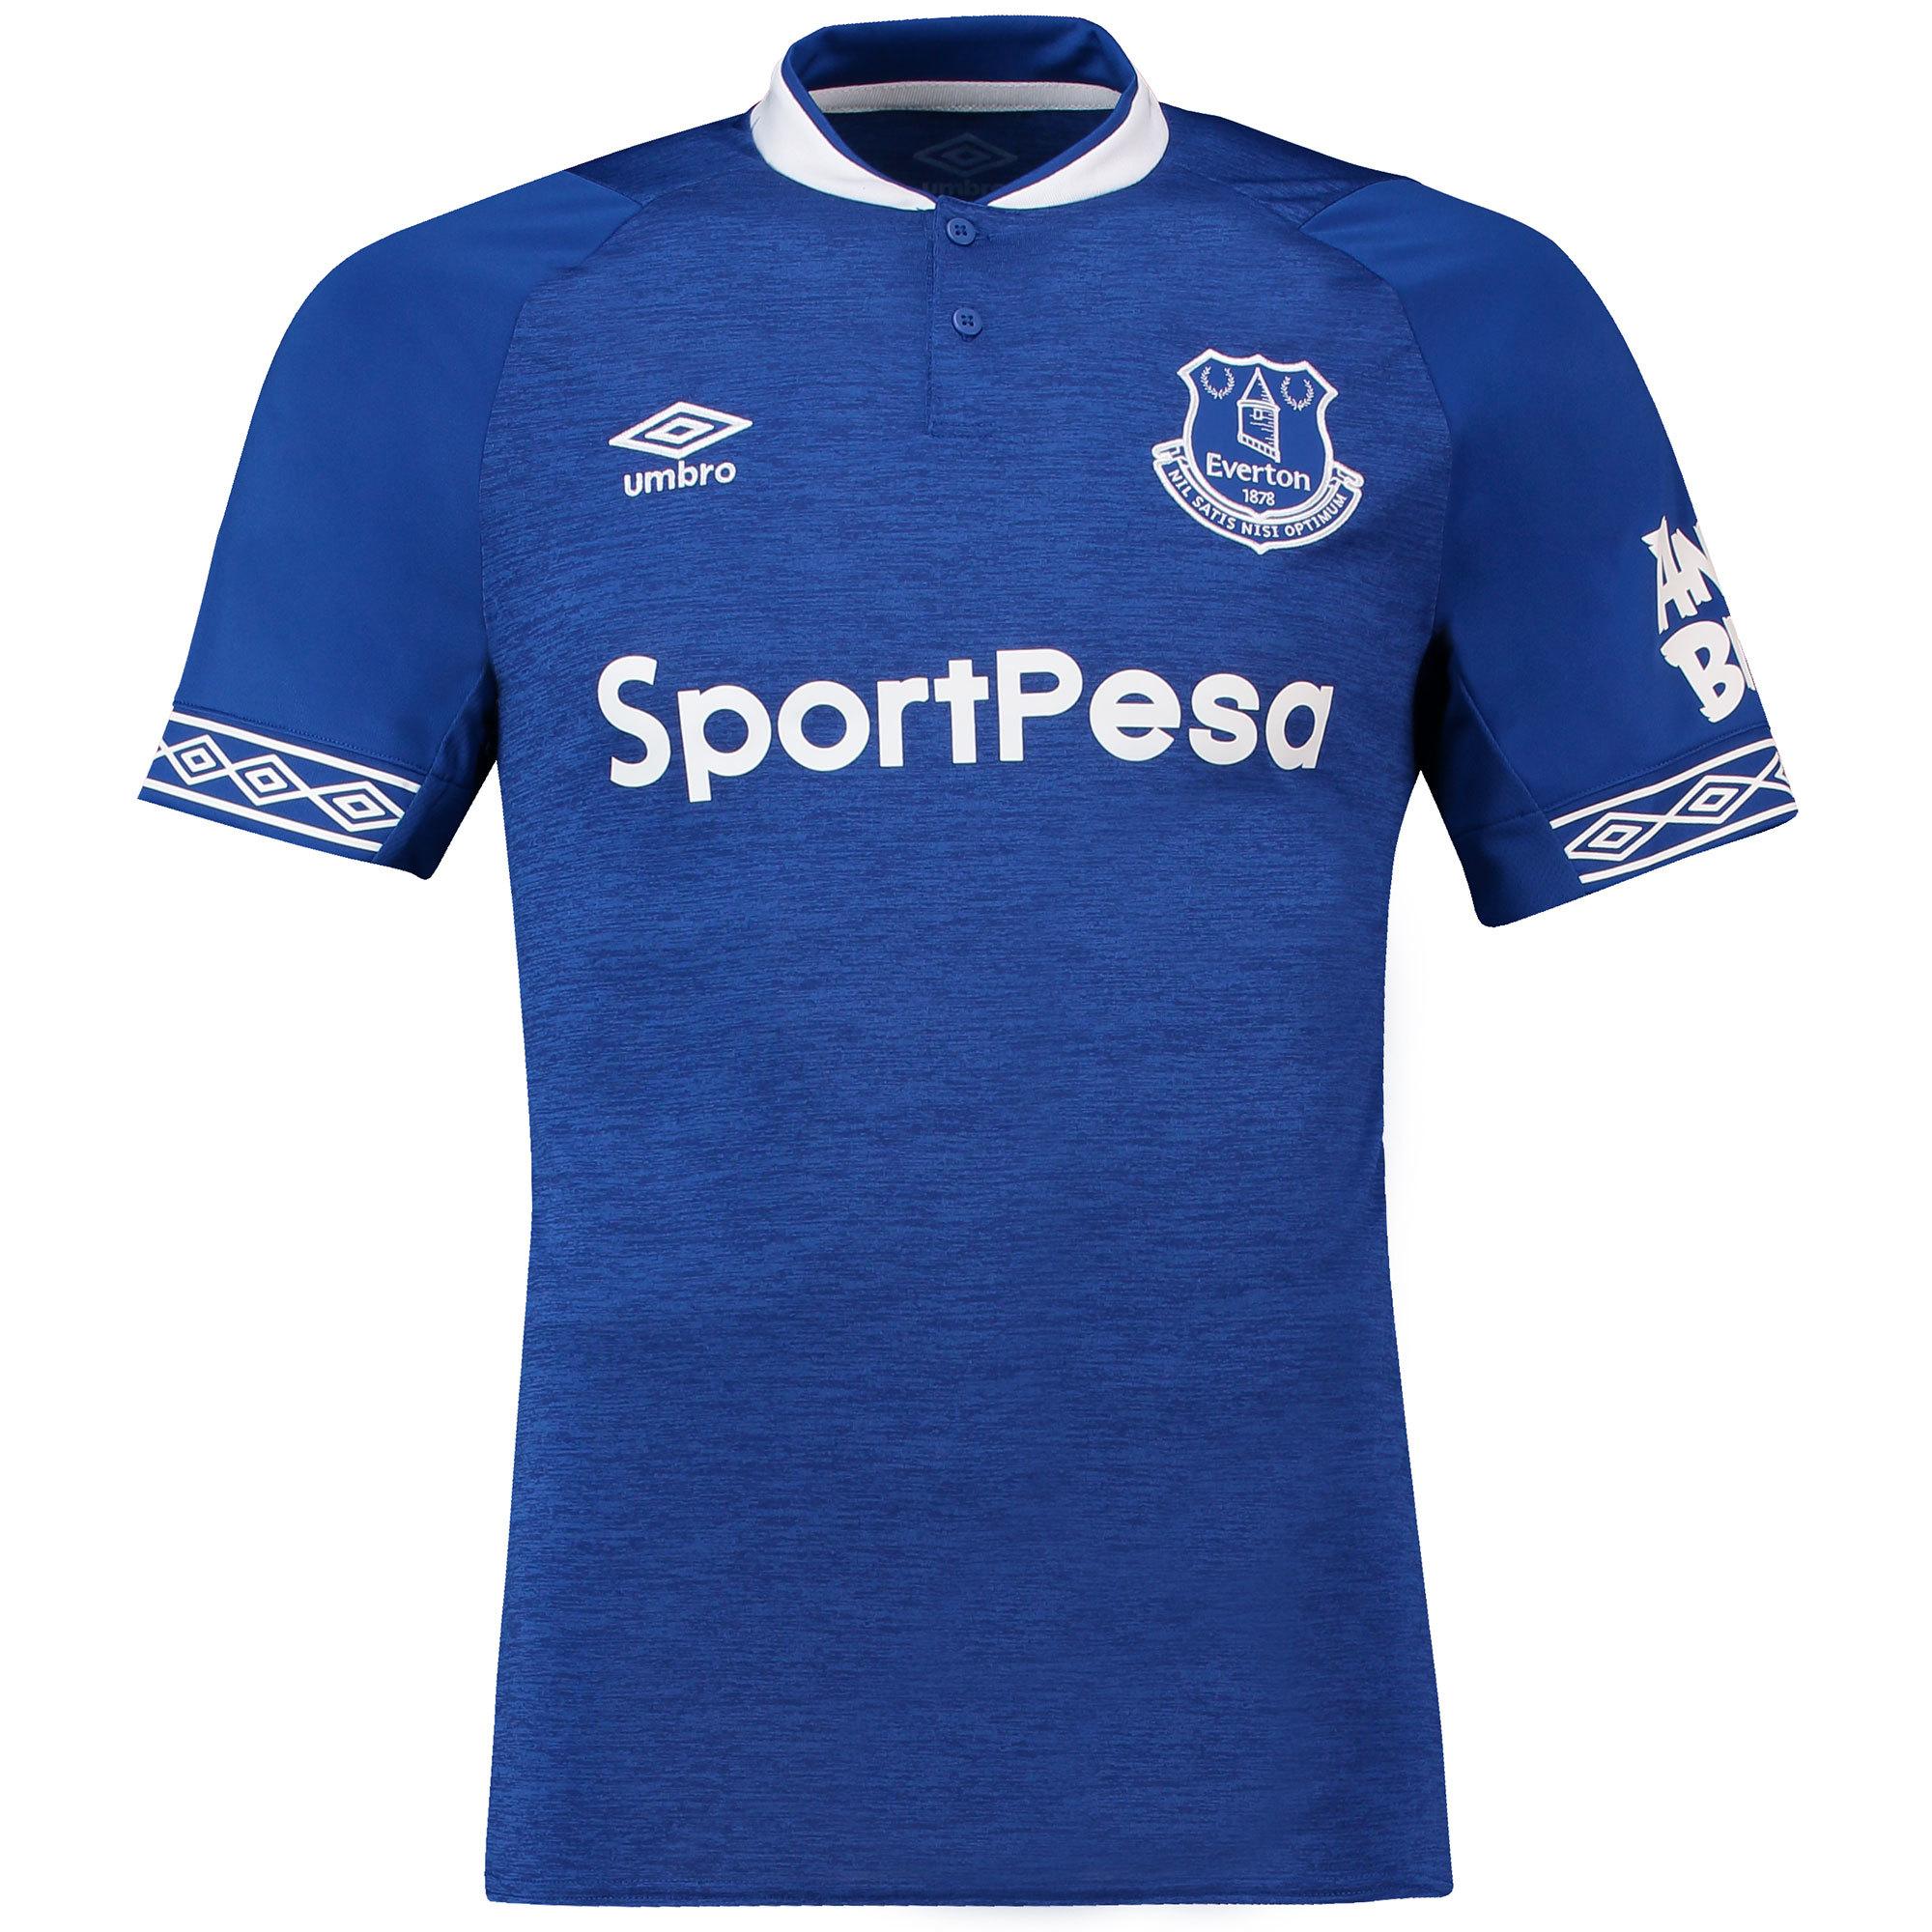 0e5c99de43 Site especializado elege camisa do Corinthians que homenageia Senna ...